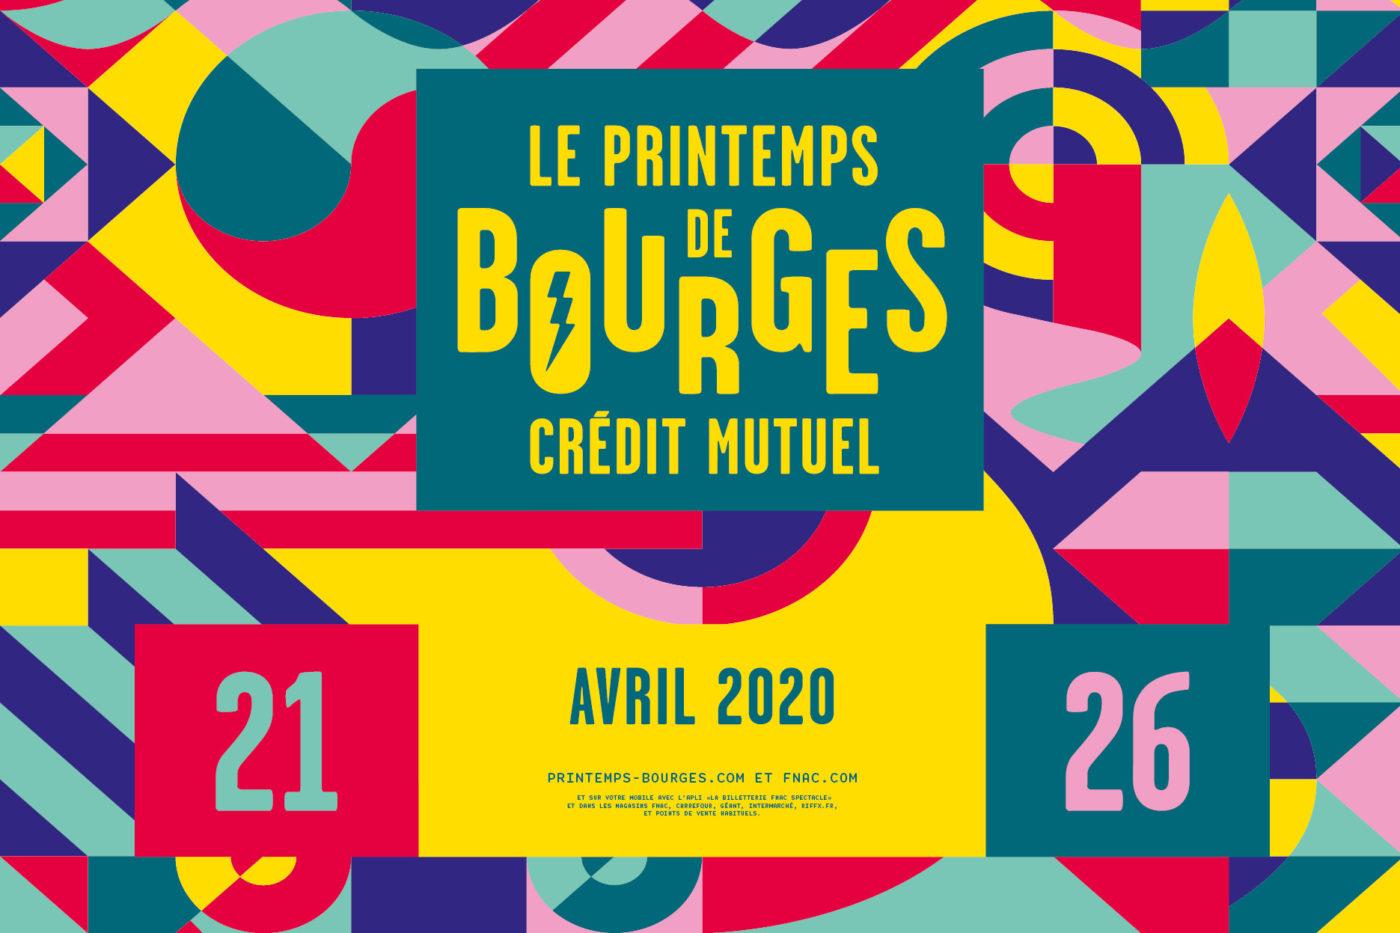 LE PRINTEMPS DE BOURGES 2020 – RENCONTRES TRANS MUSICALES